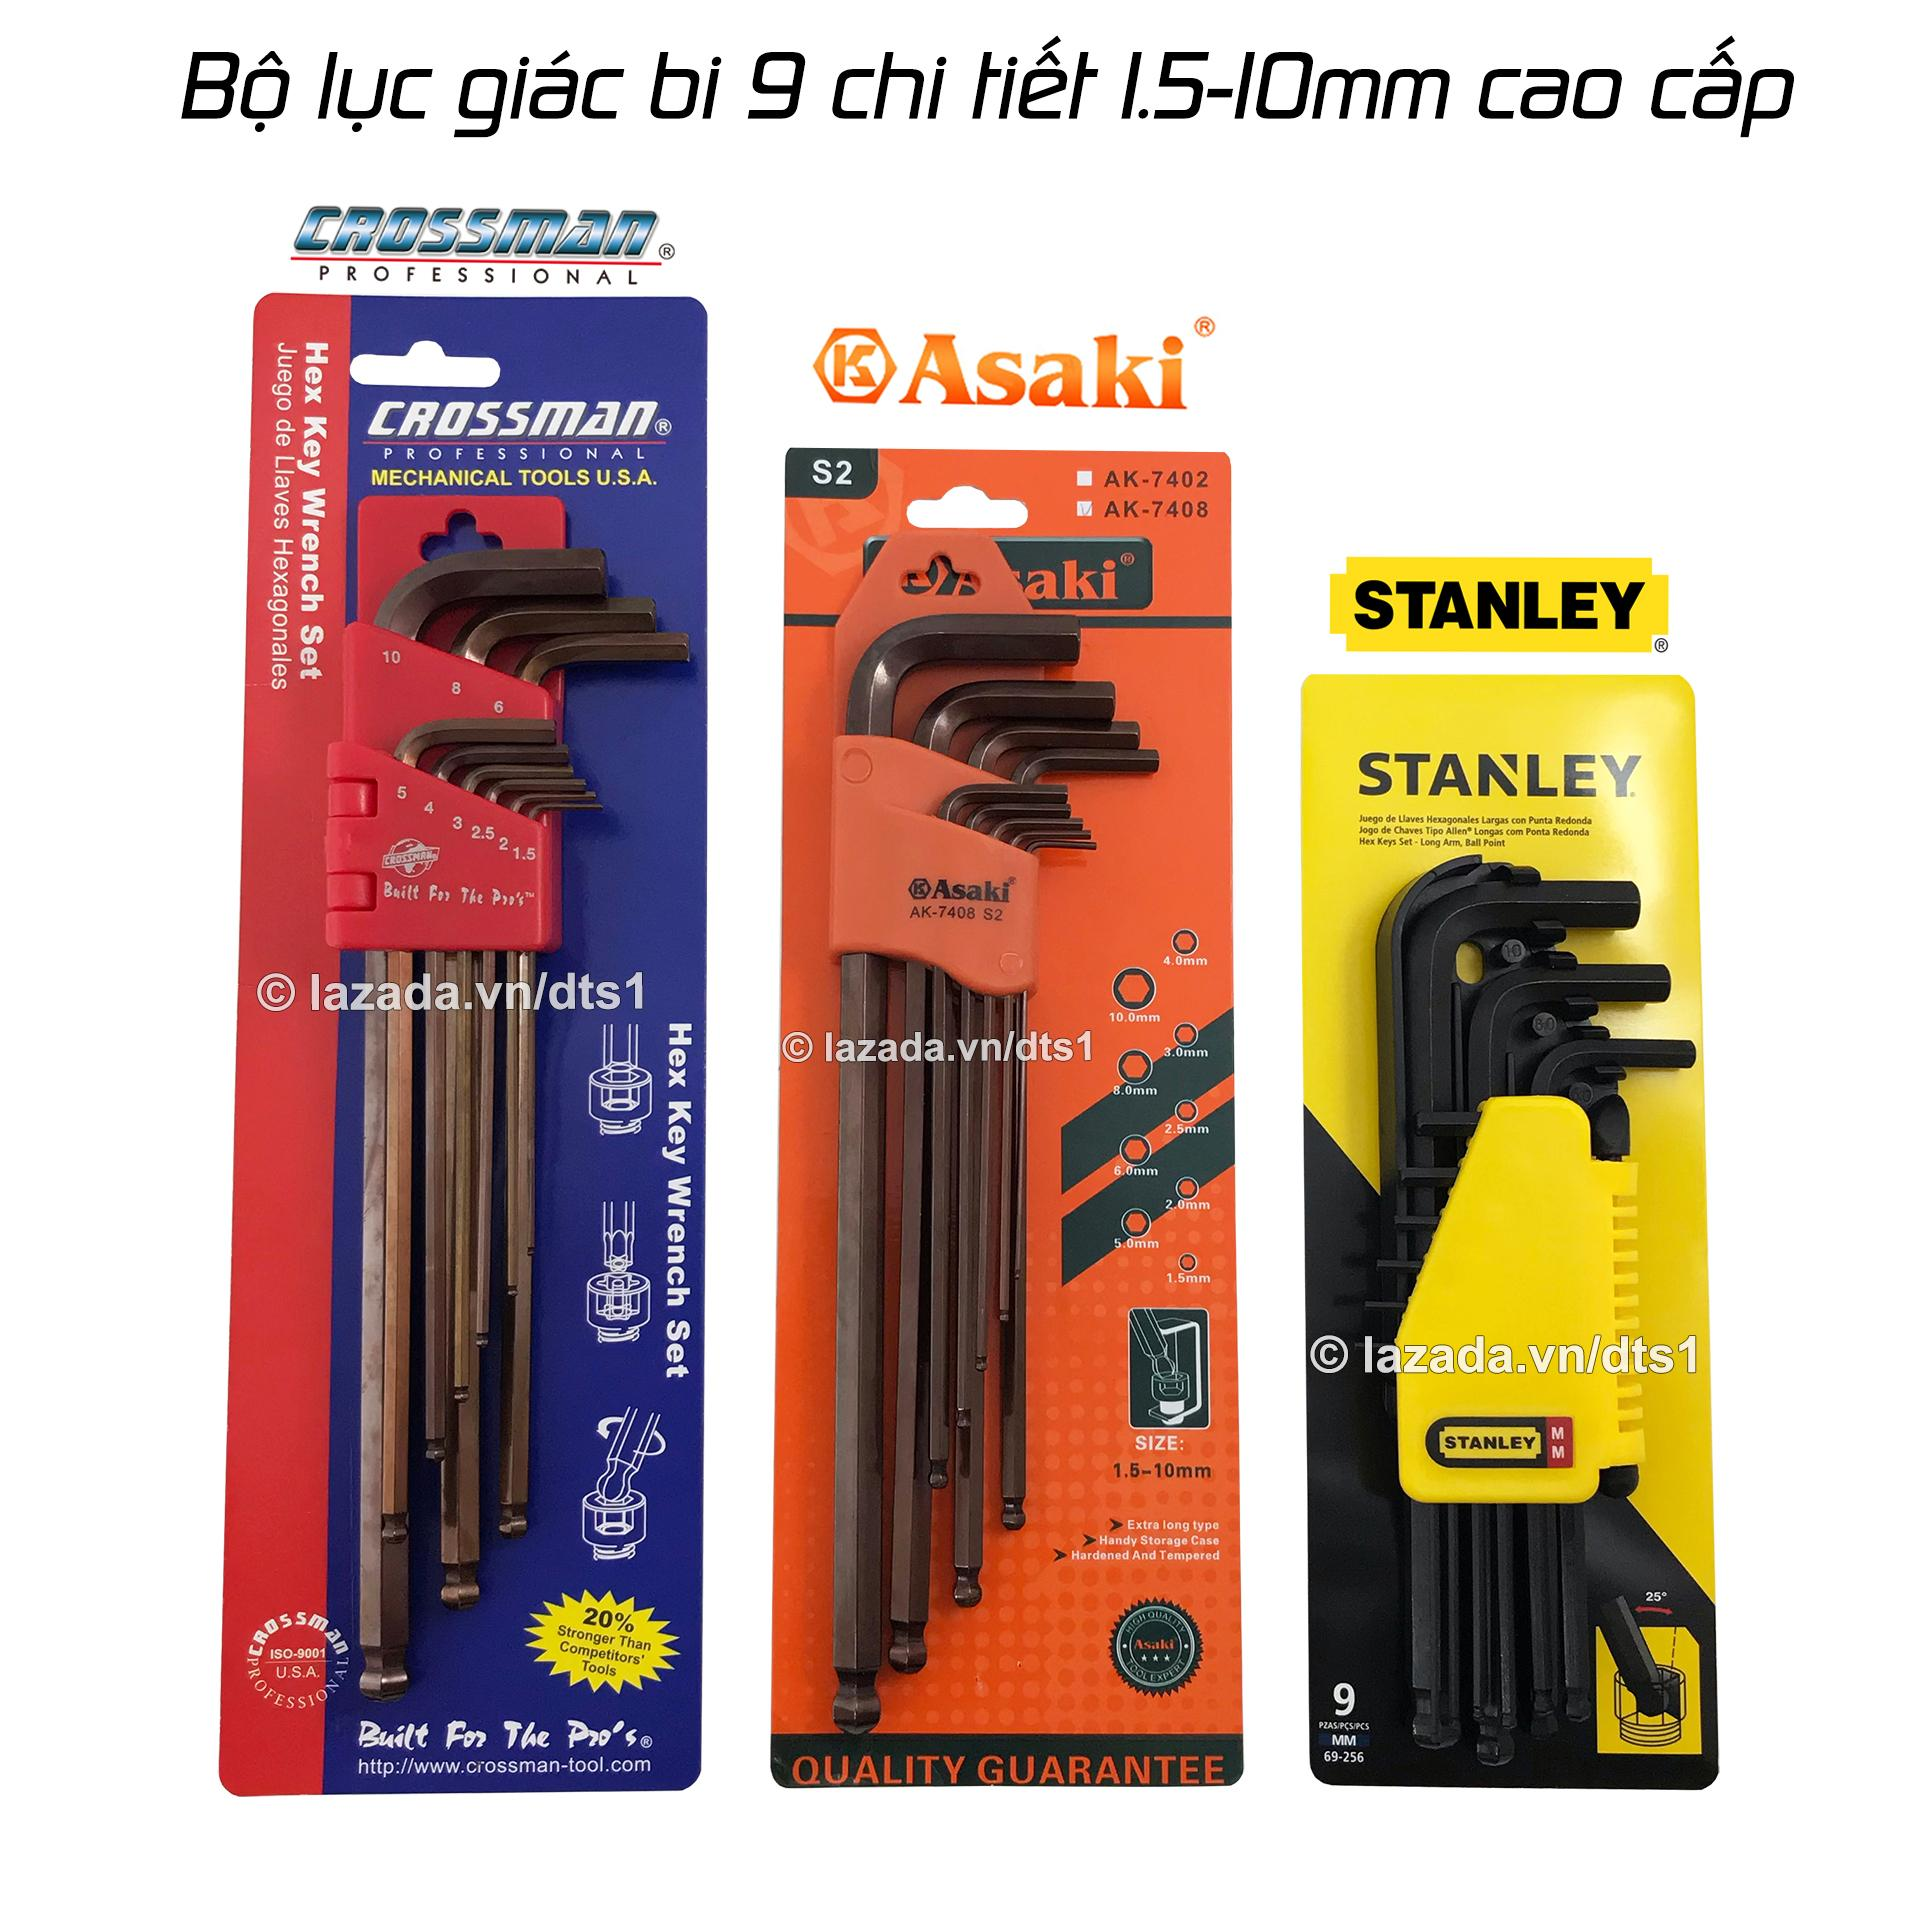 Bộ lục giác bi 9 chi tiết 1.5-10mm Stanley, Crossman, Asaki - Bộ lục giác chất lượng cao được tin dùng nhất